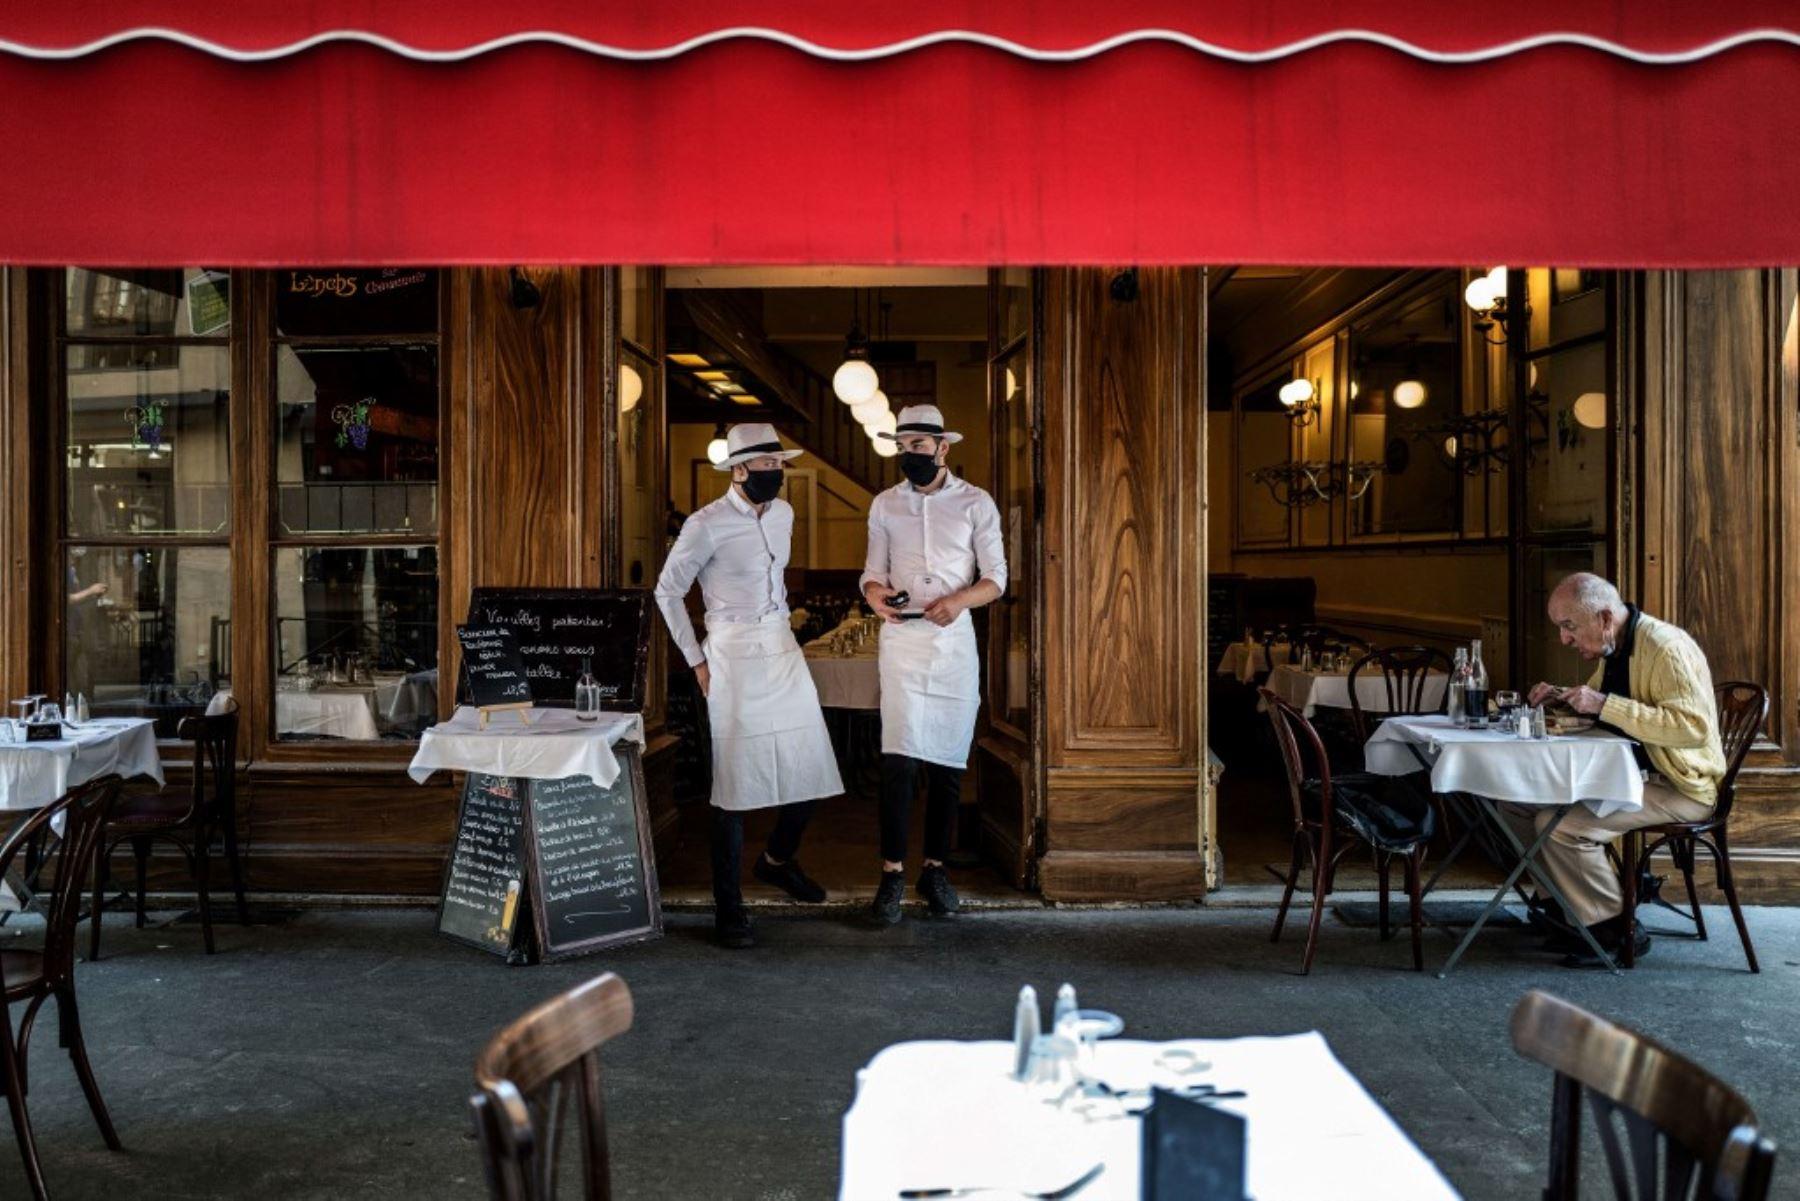 """Los camareros se encuentran a la entrada de un restaurante local típico conocido como """"Bouchon Lyonnais"""", el 2 de junio de 2020 en Lyon. Foto: AFP"""